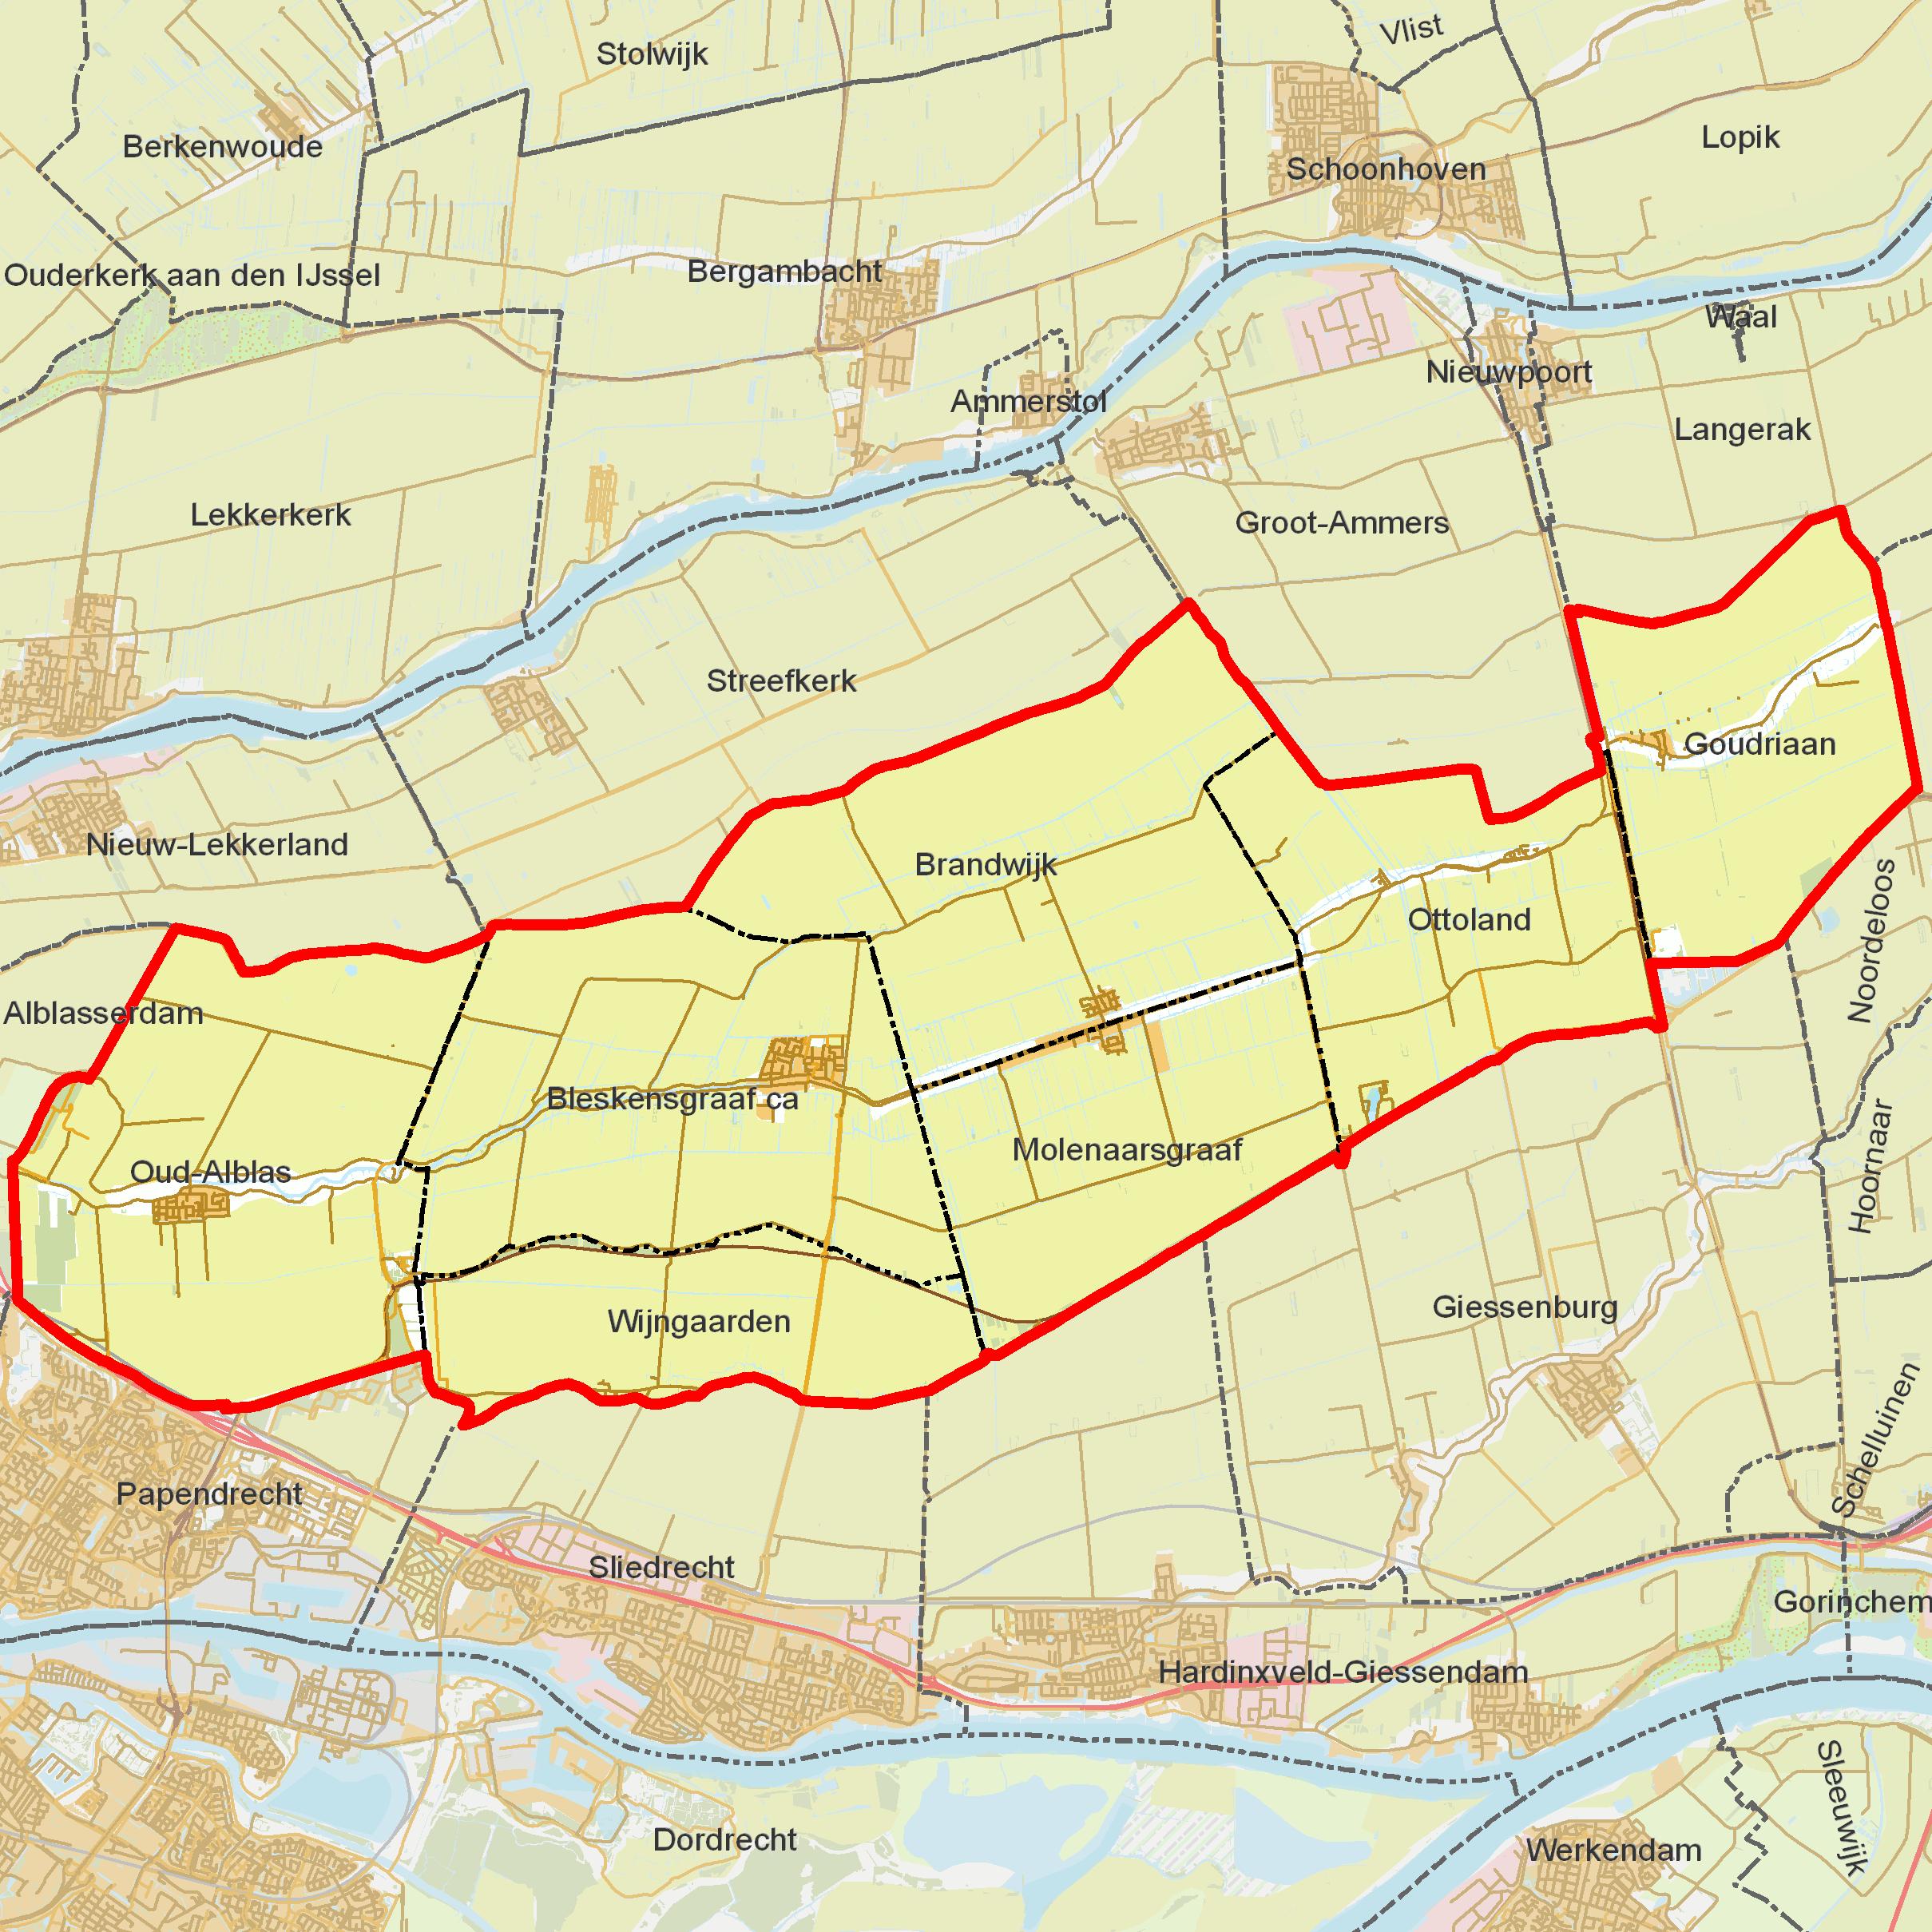 File:BAG woonplaatsen - Gemeente Graafstroom.png - Wikimedia Commons